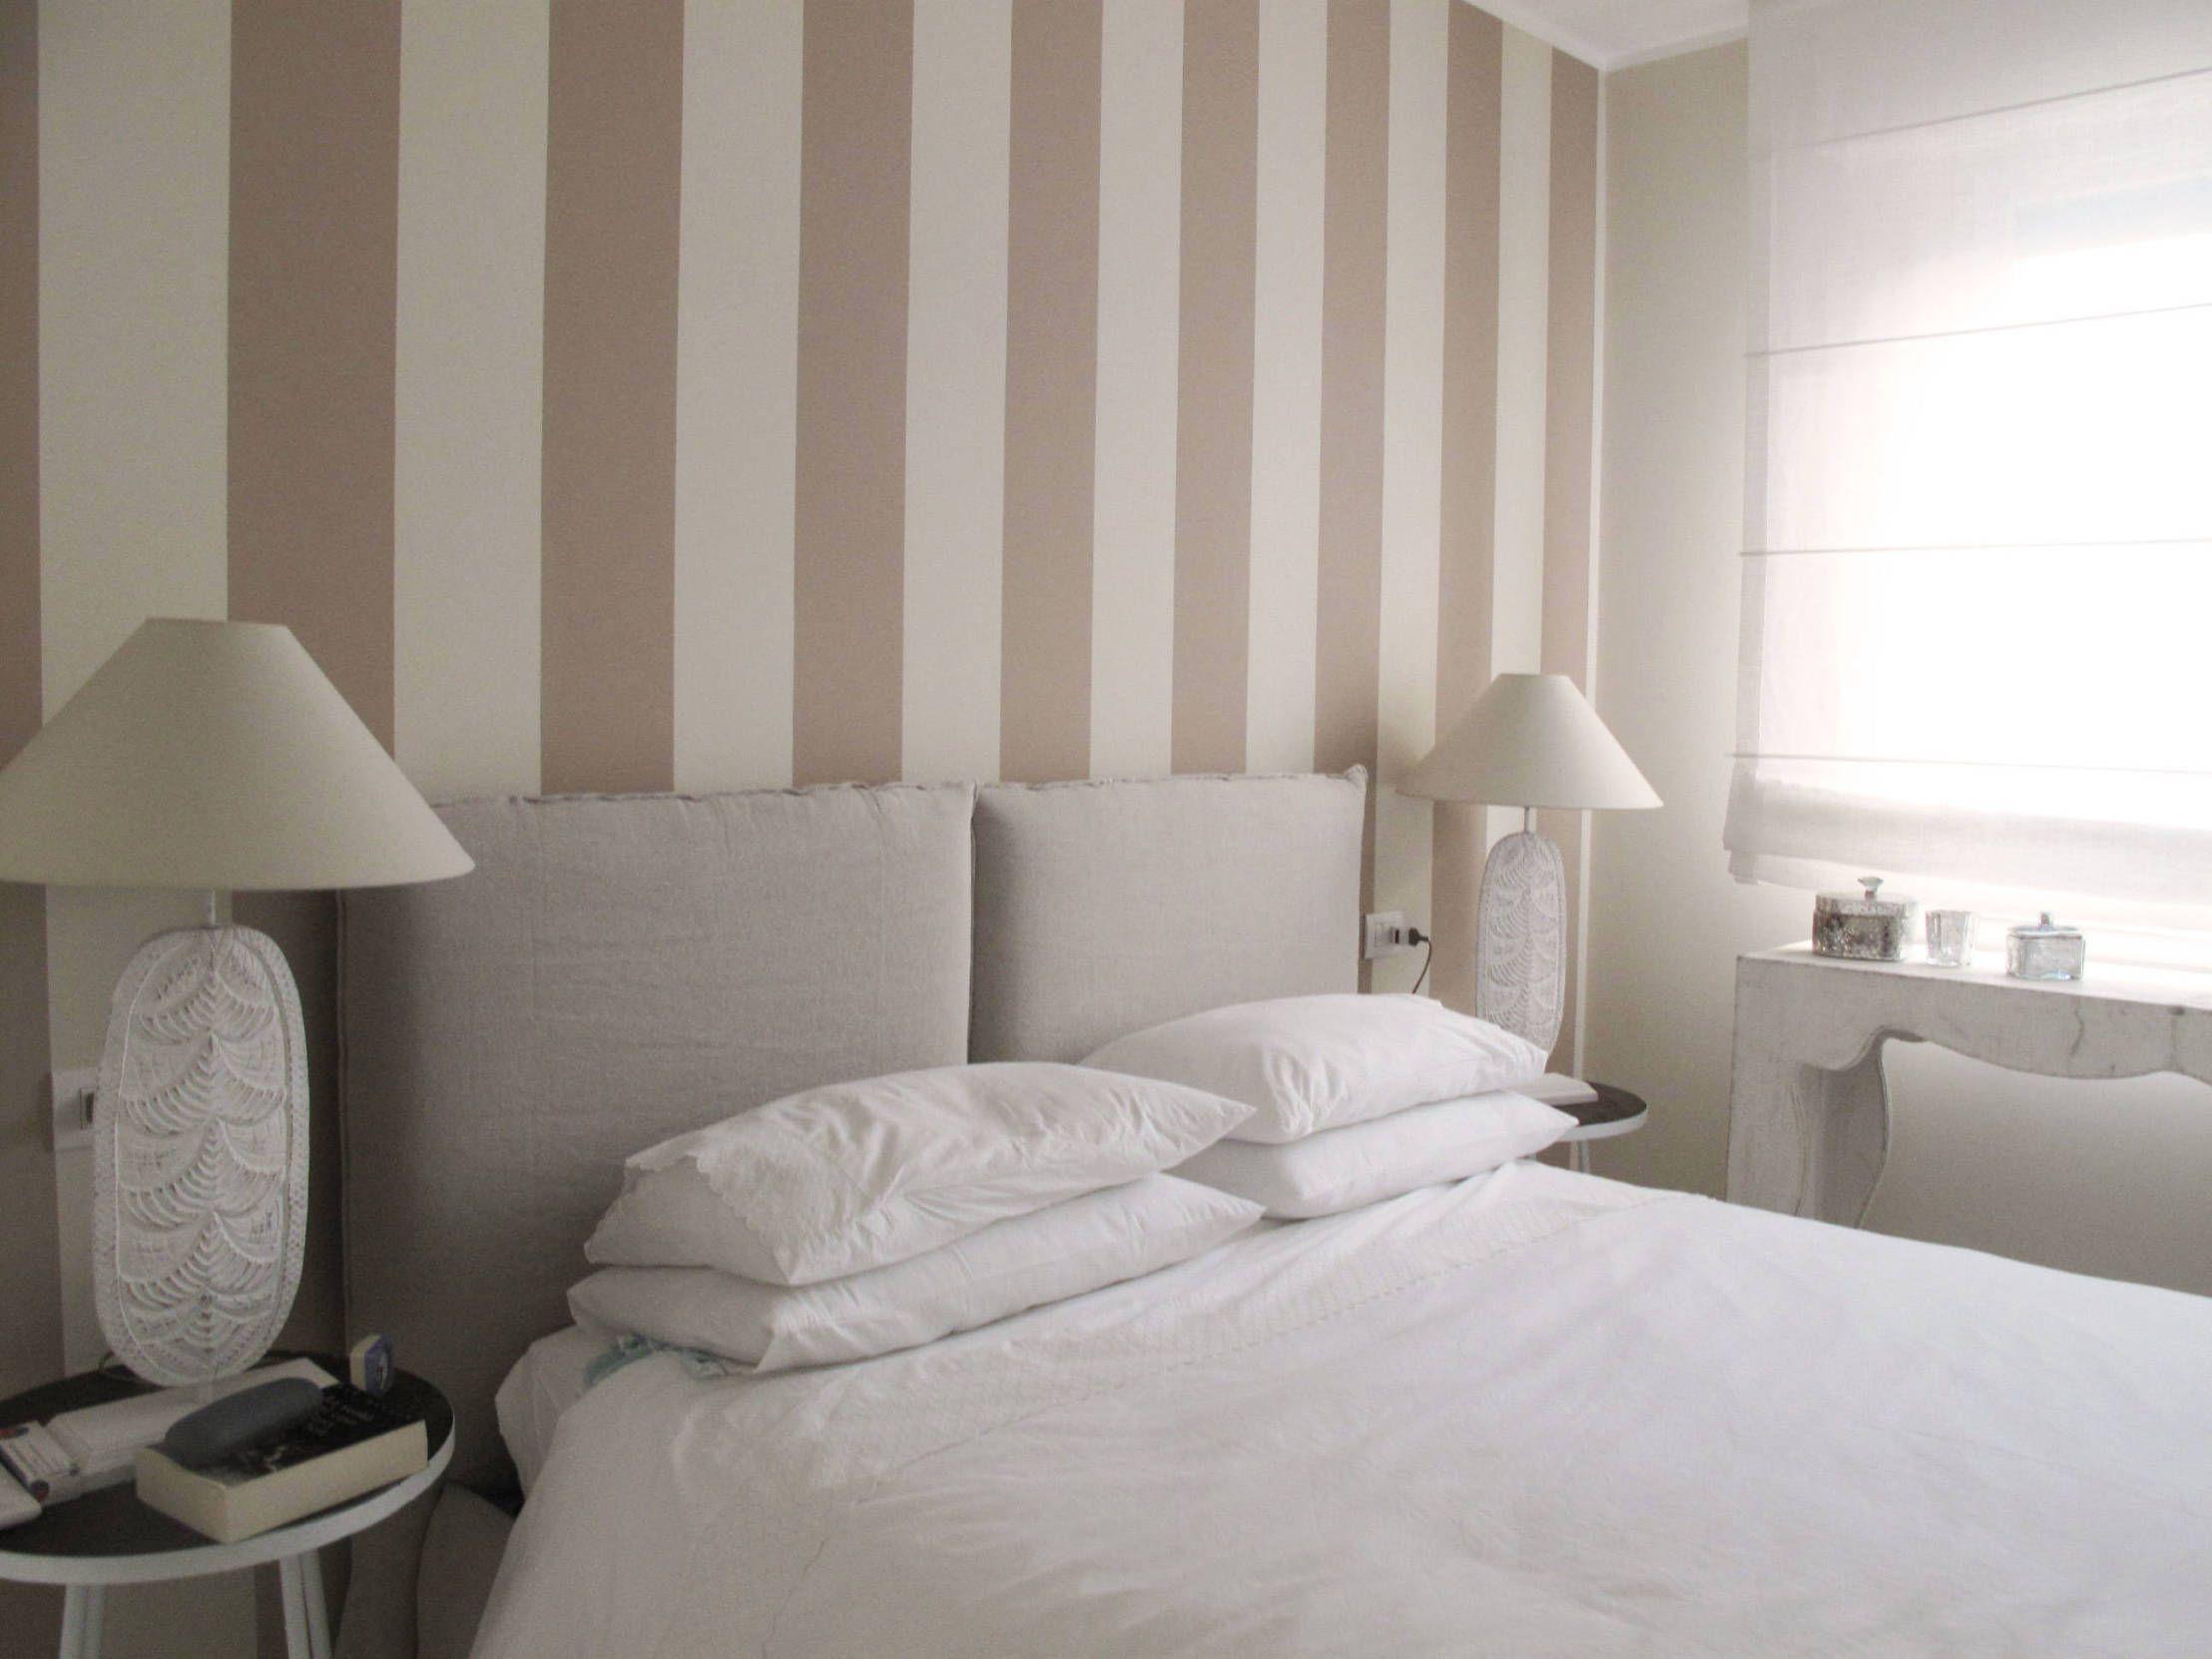 Cerca tutti i prodotti, i produttori ed i rivenditori di carte da parati shabby chic in vendita: Carta Da Parati A Righe Per Personalizzare I Vostri Ambienti Homify Design Your Bedroom Home Decor Bedroom Decor